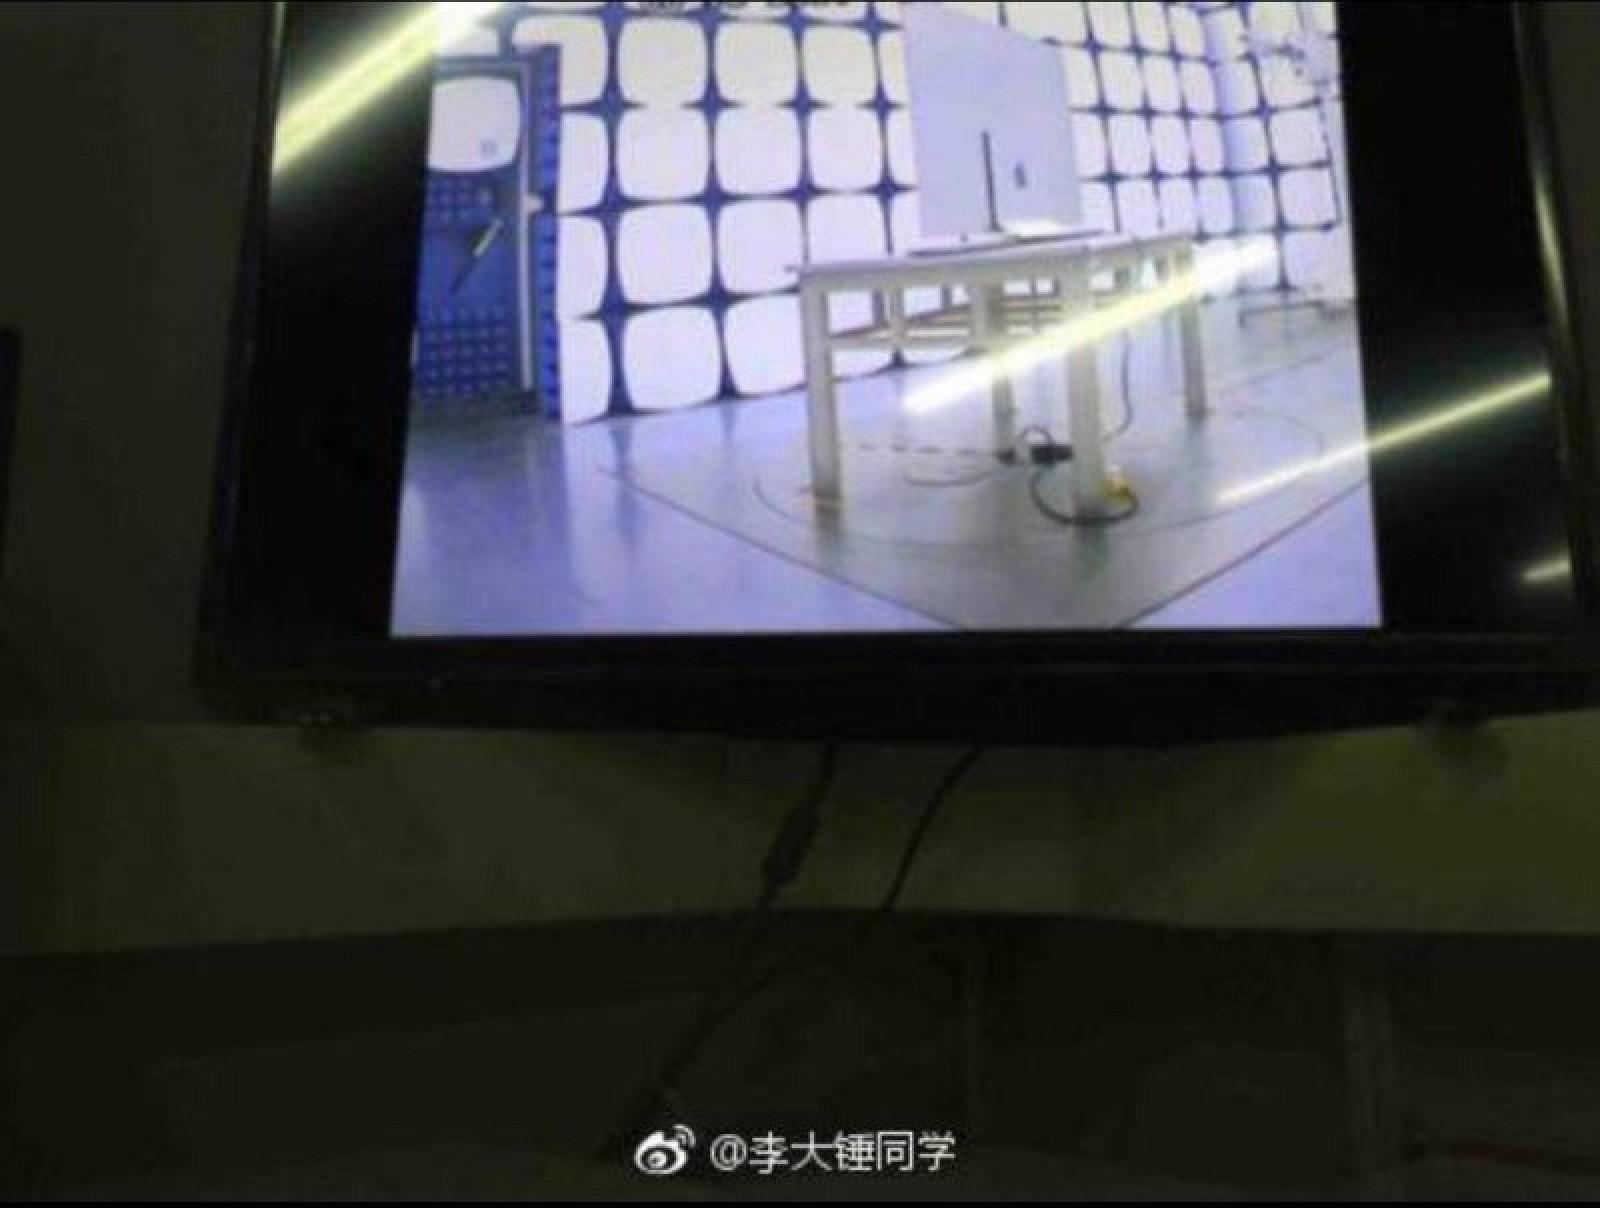 Supuesta TV de Apple siendo probada en alguna fábrica